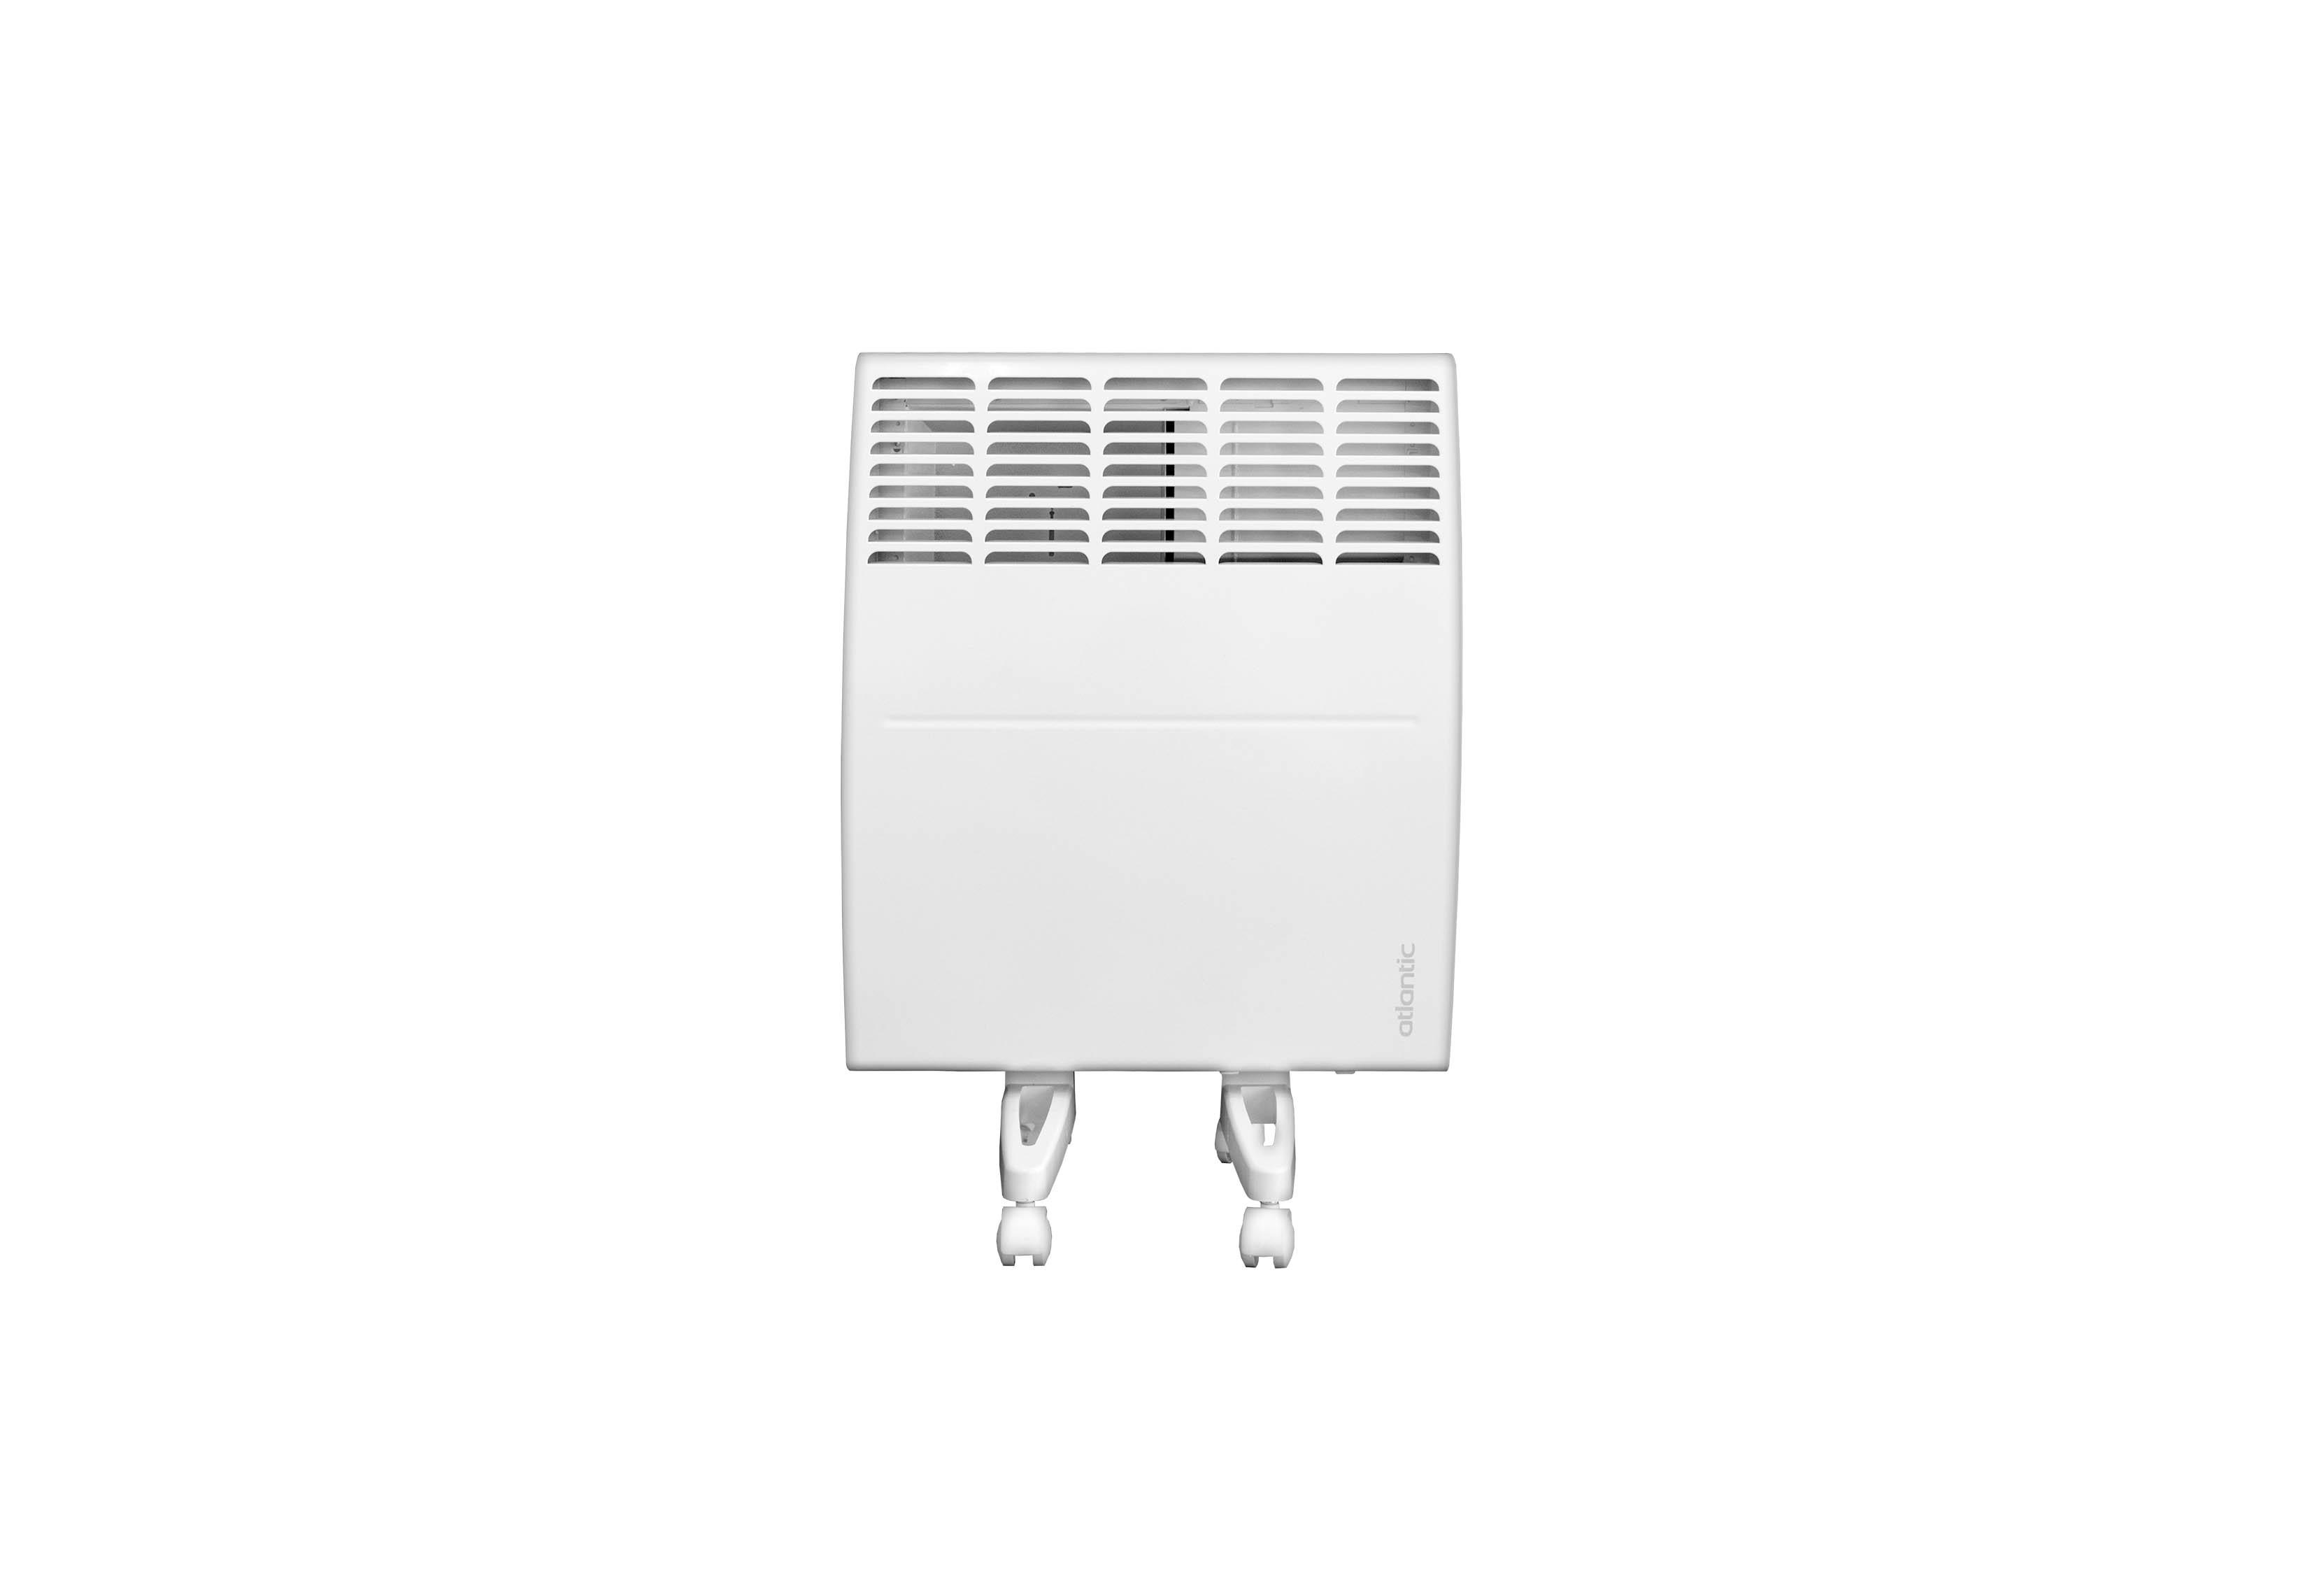 Сколько электроэнергии потребляет конвекторный обогреватель в месяц